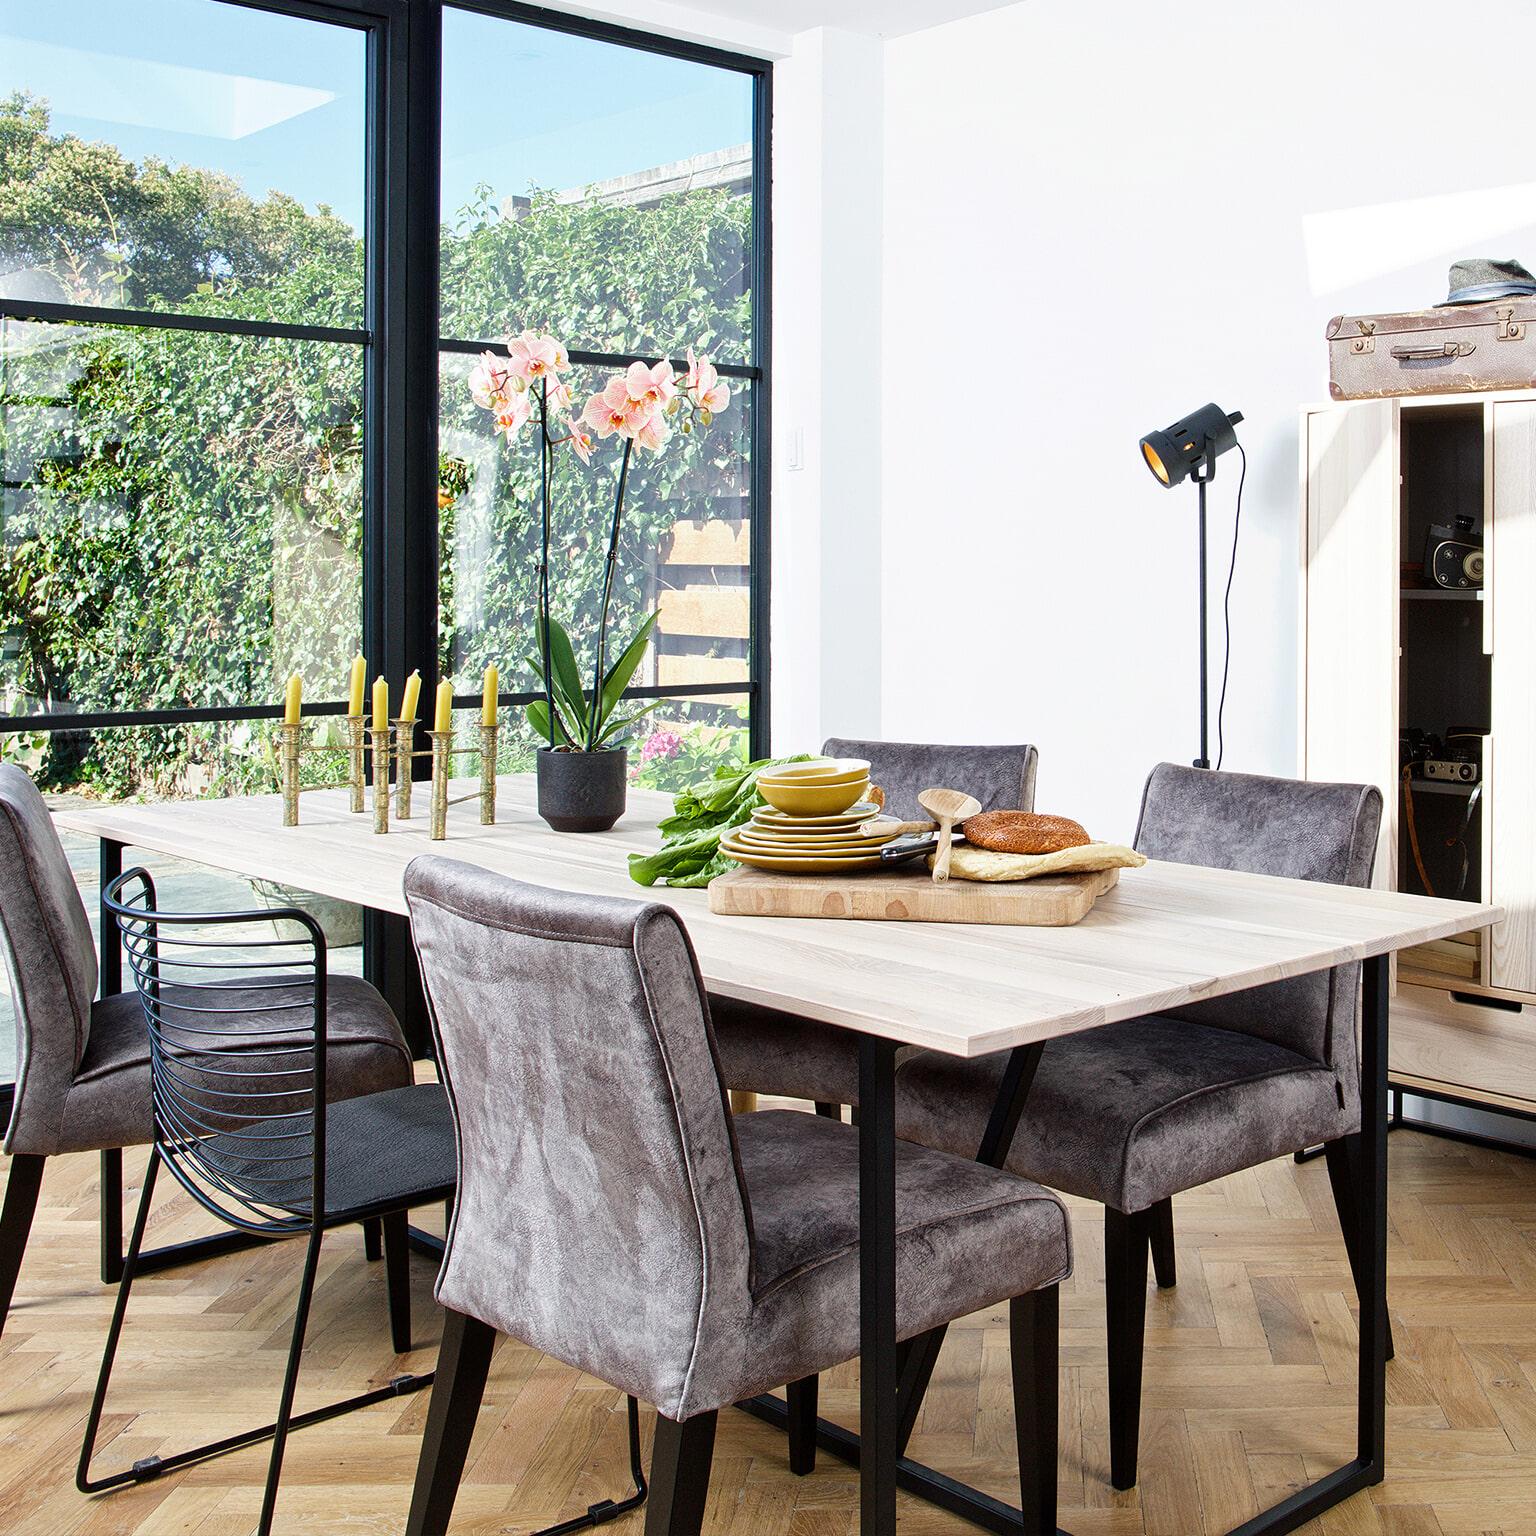 WOOOD Eettafel 'Silas' Essen 220 x 90cm, kleur Sydney